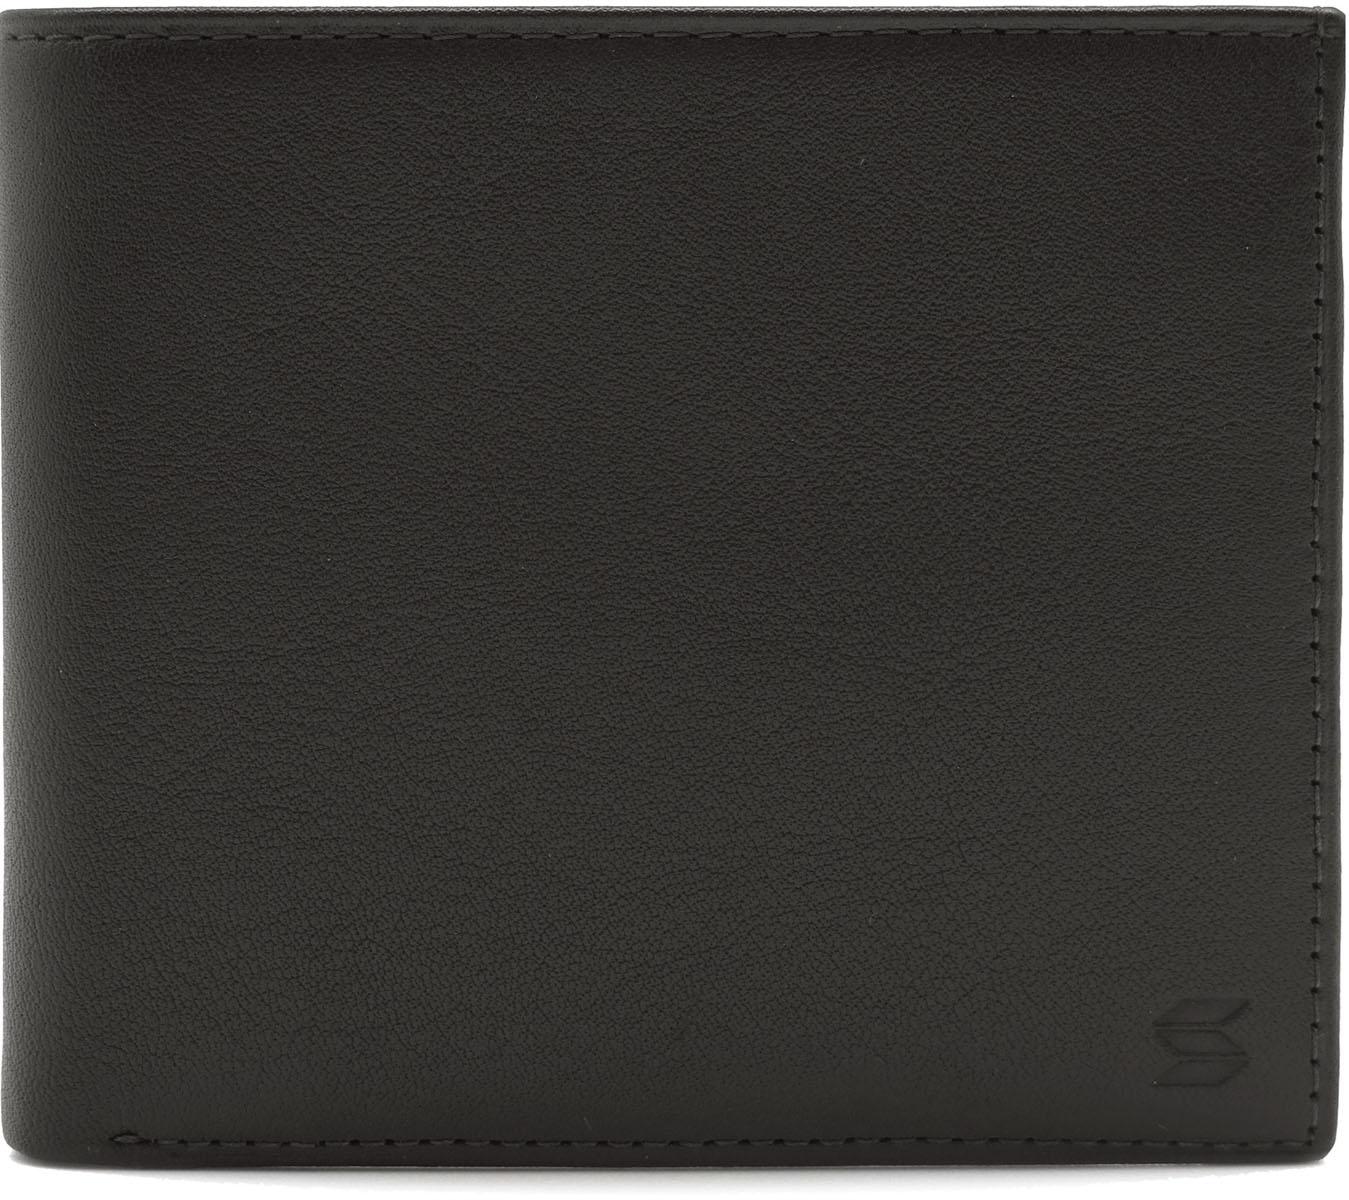 Портмоне мужское Soltan, цвет: темно-коричневый. 102 01 03EQYAA03468-MKM6Портмоне Soltan выполнено из натуральной кожи. Модель имеет два отделения для купюр, 6 кармашков для карточек и два дополнительных кармана.